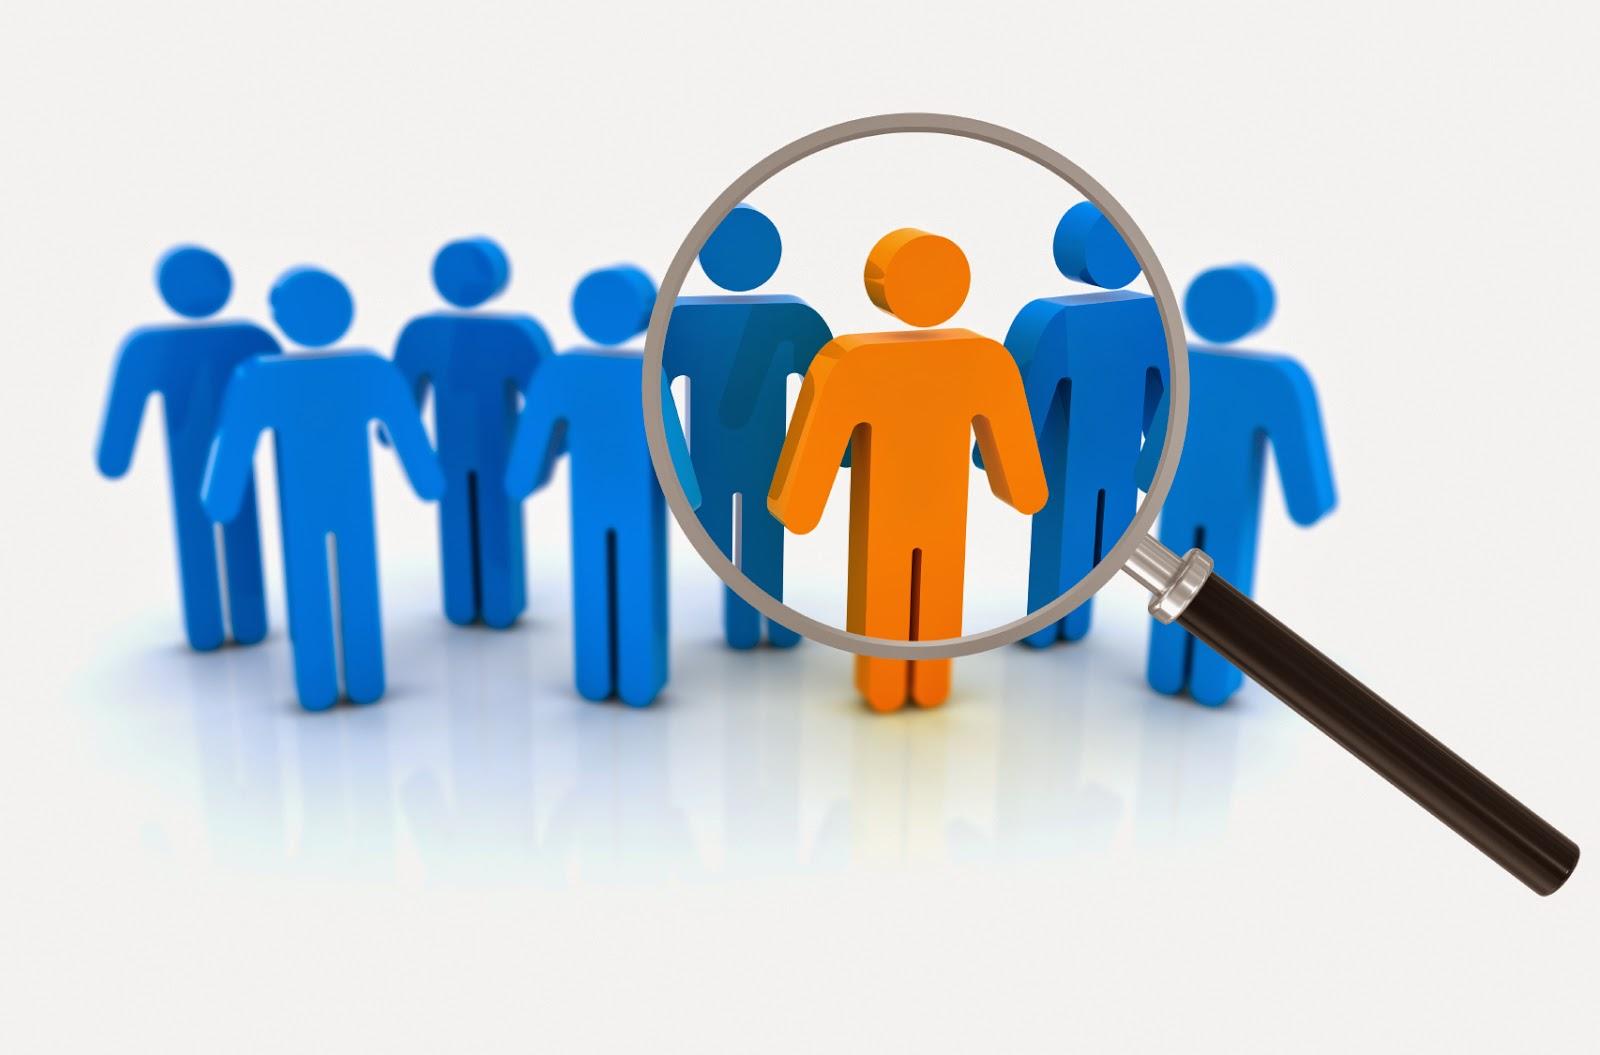 Menciptakan Peluang Bisnis Yang Sesuai Dengan Bakat